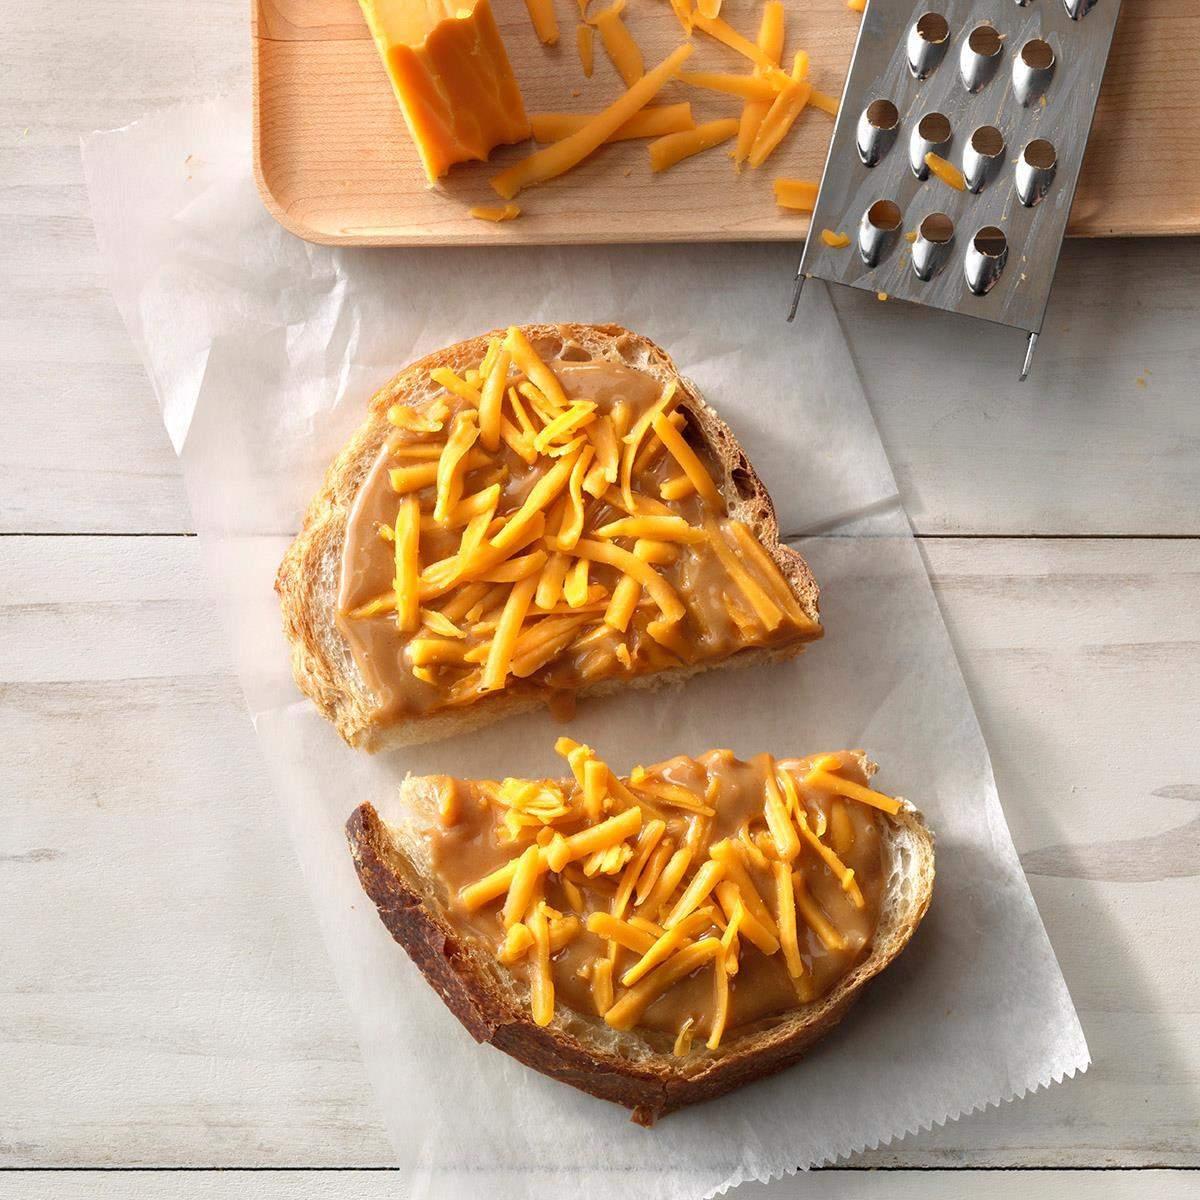 Mantequilla de maní al sur receta de sándwich